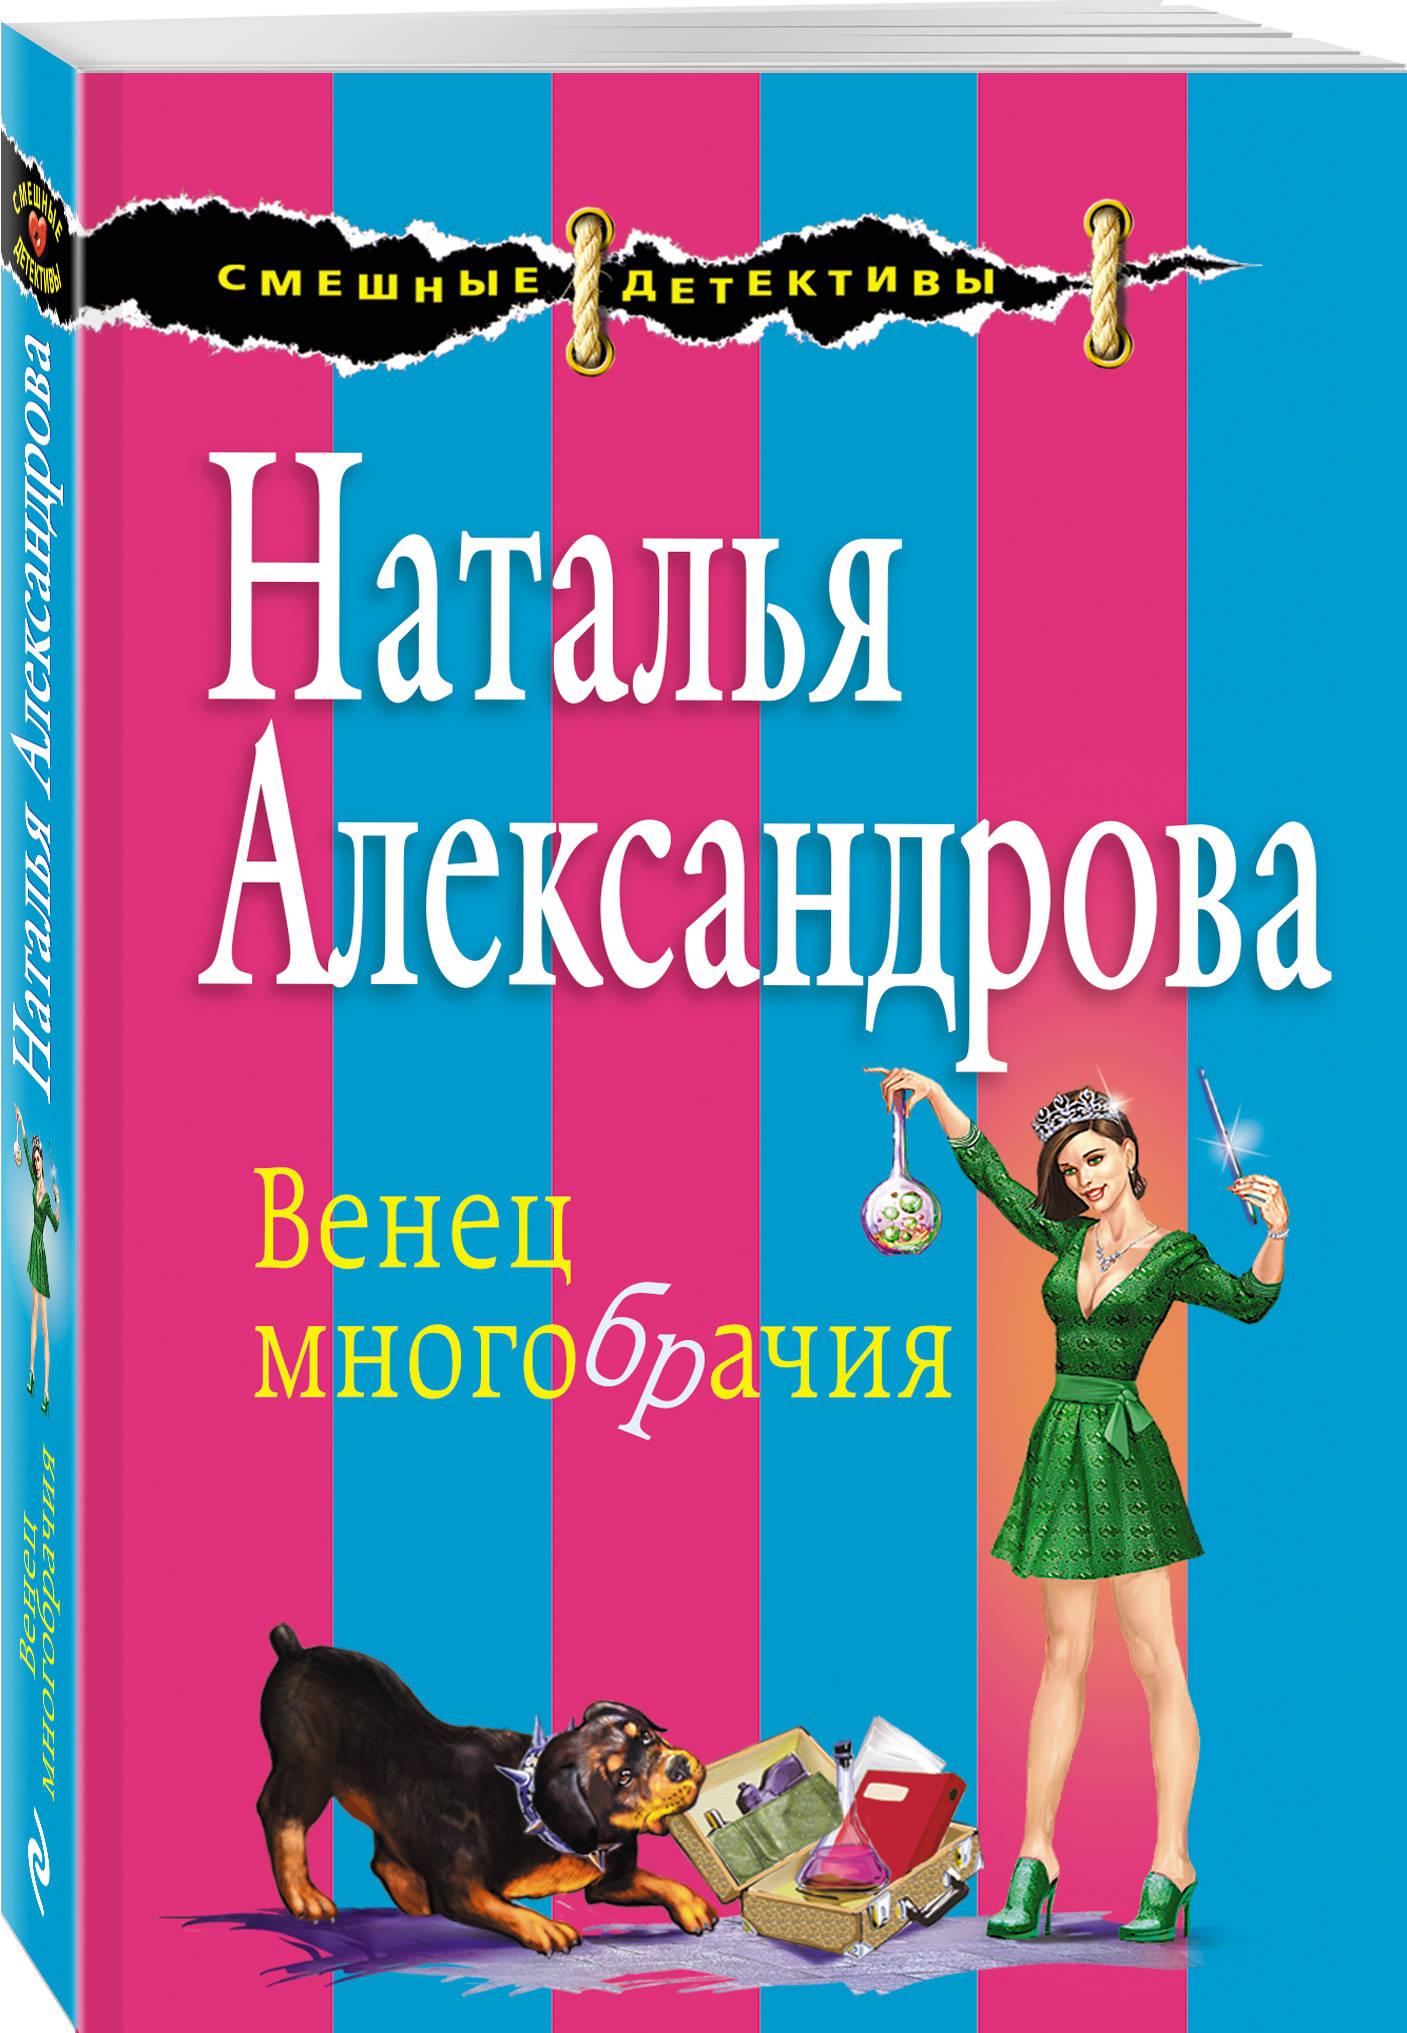 Александрова Н.Н. Венец многобрачия ISBN: 978-5-04-094744-7 лариса райт когда осыпается яблонев цвет